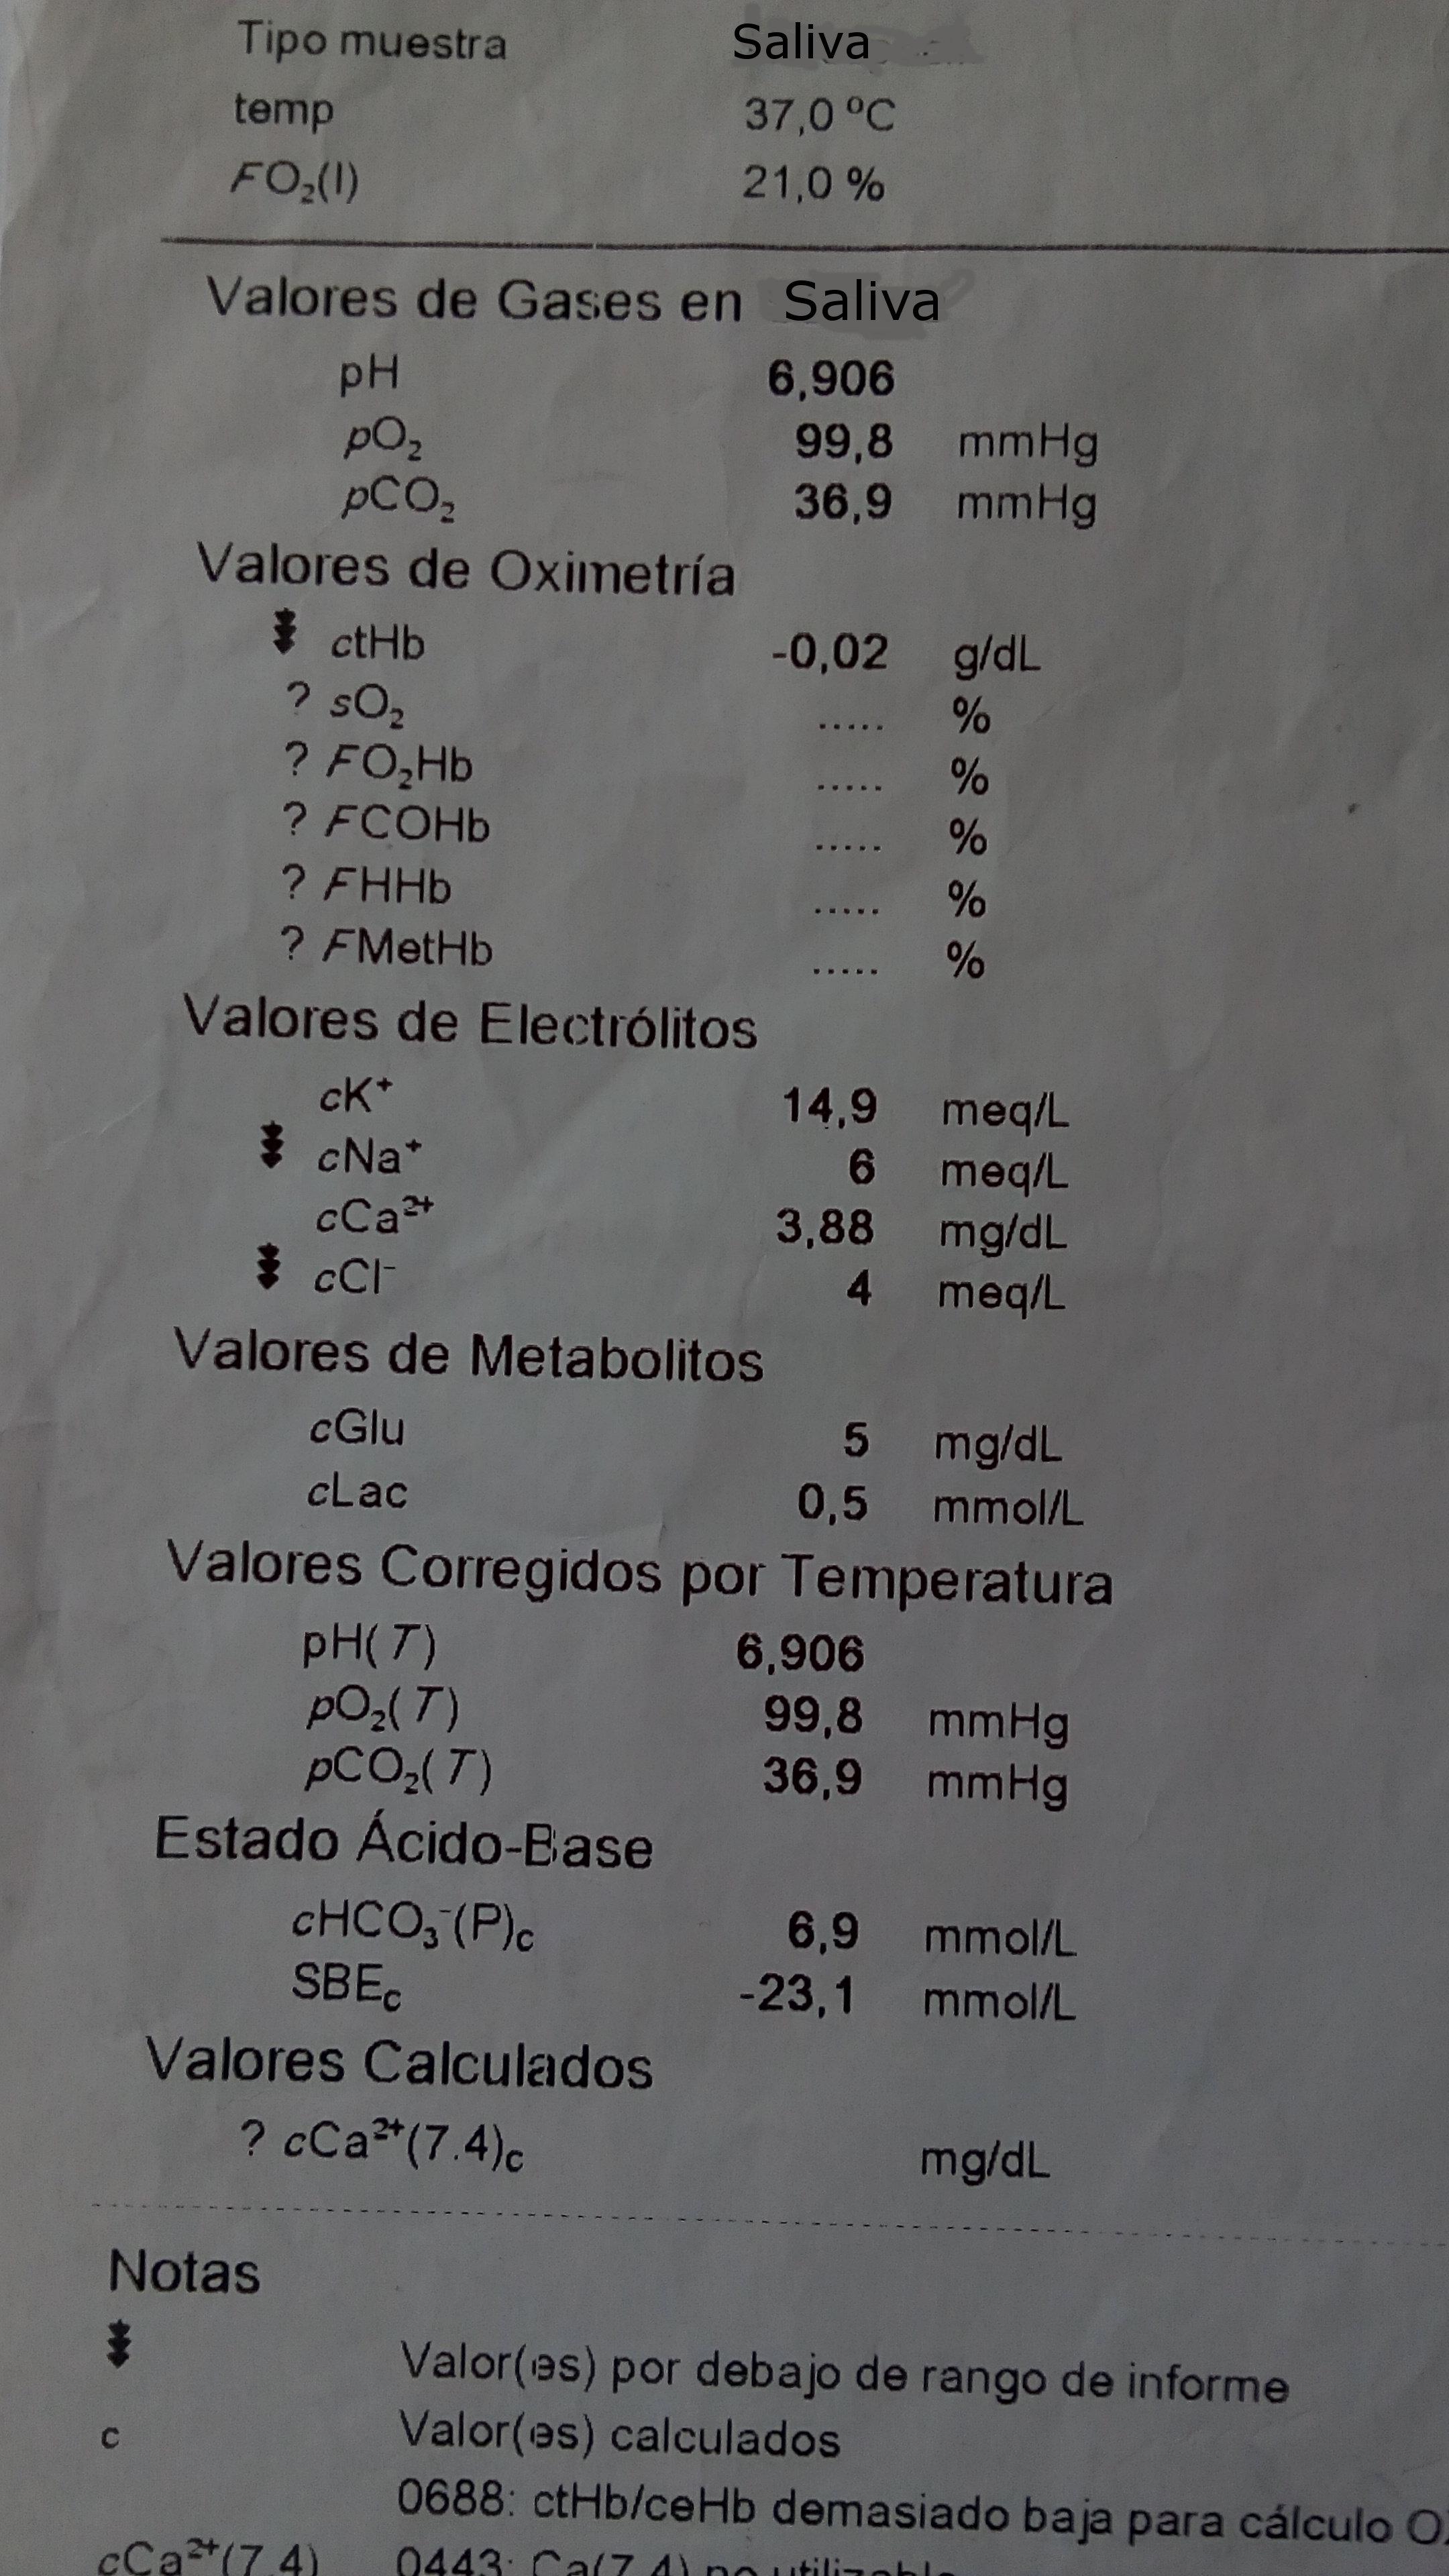 Gasometría de Saliva.